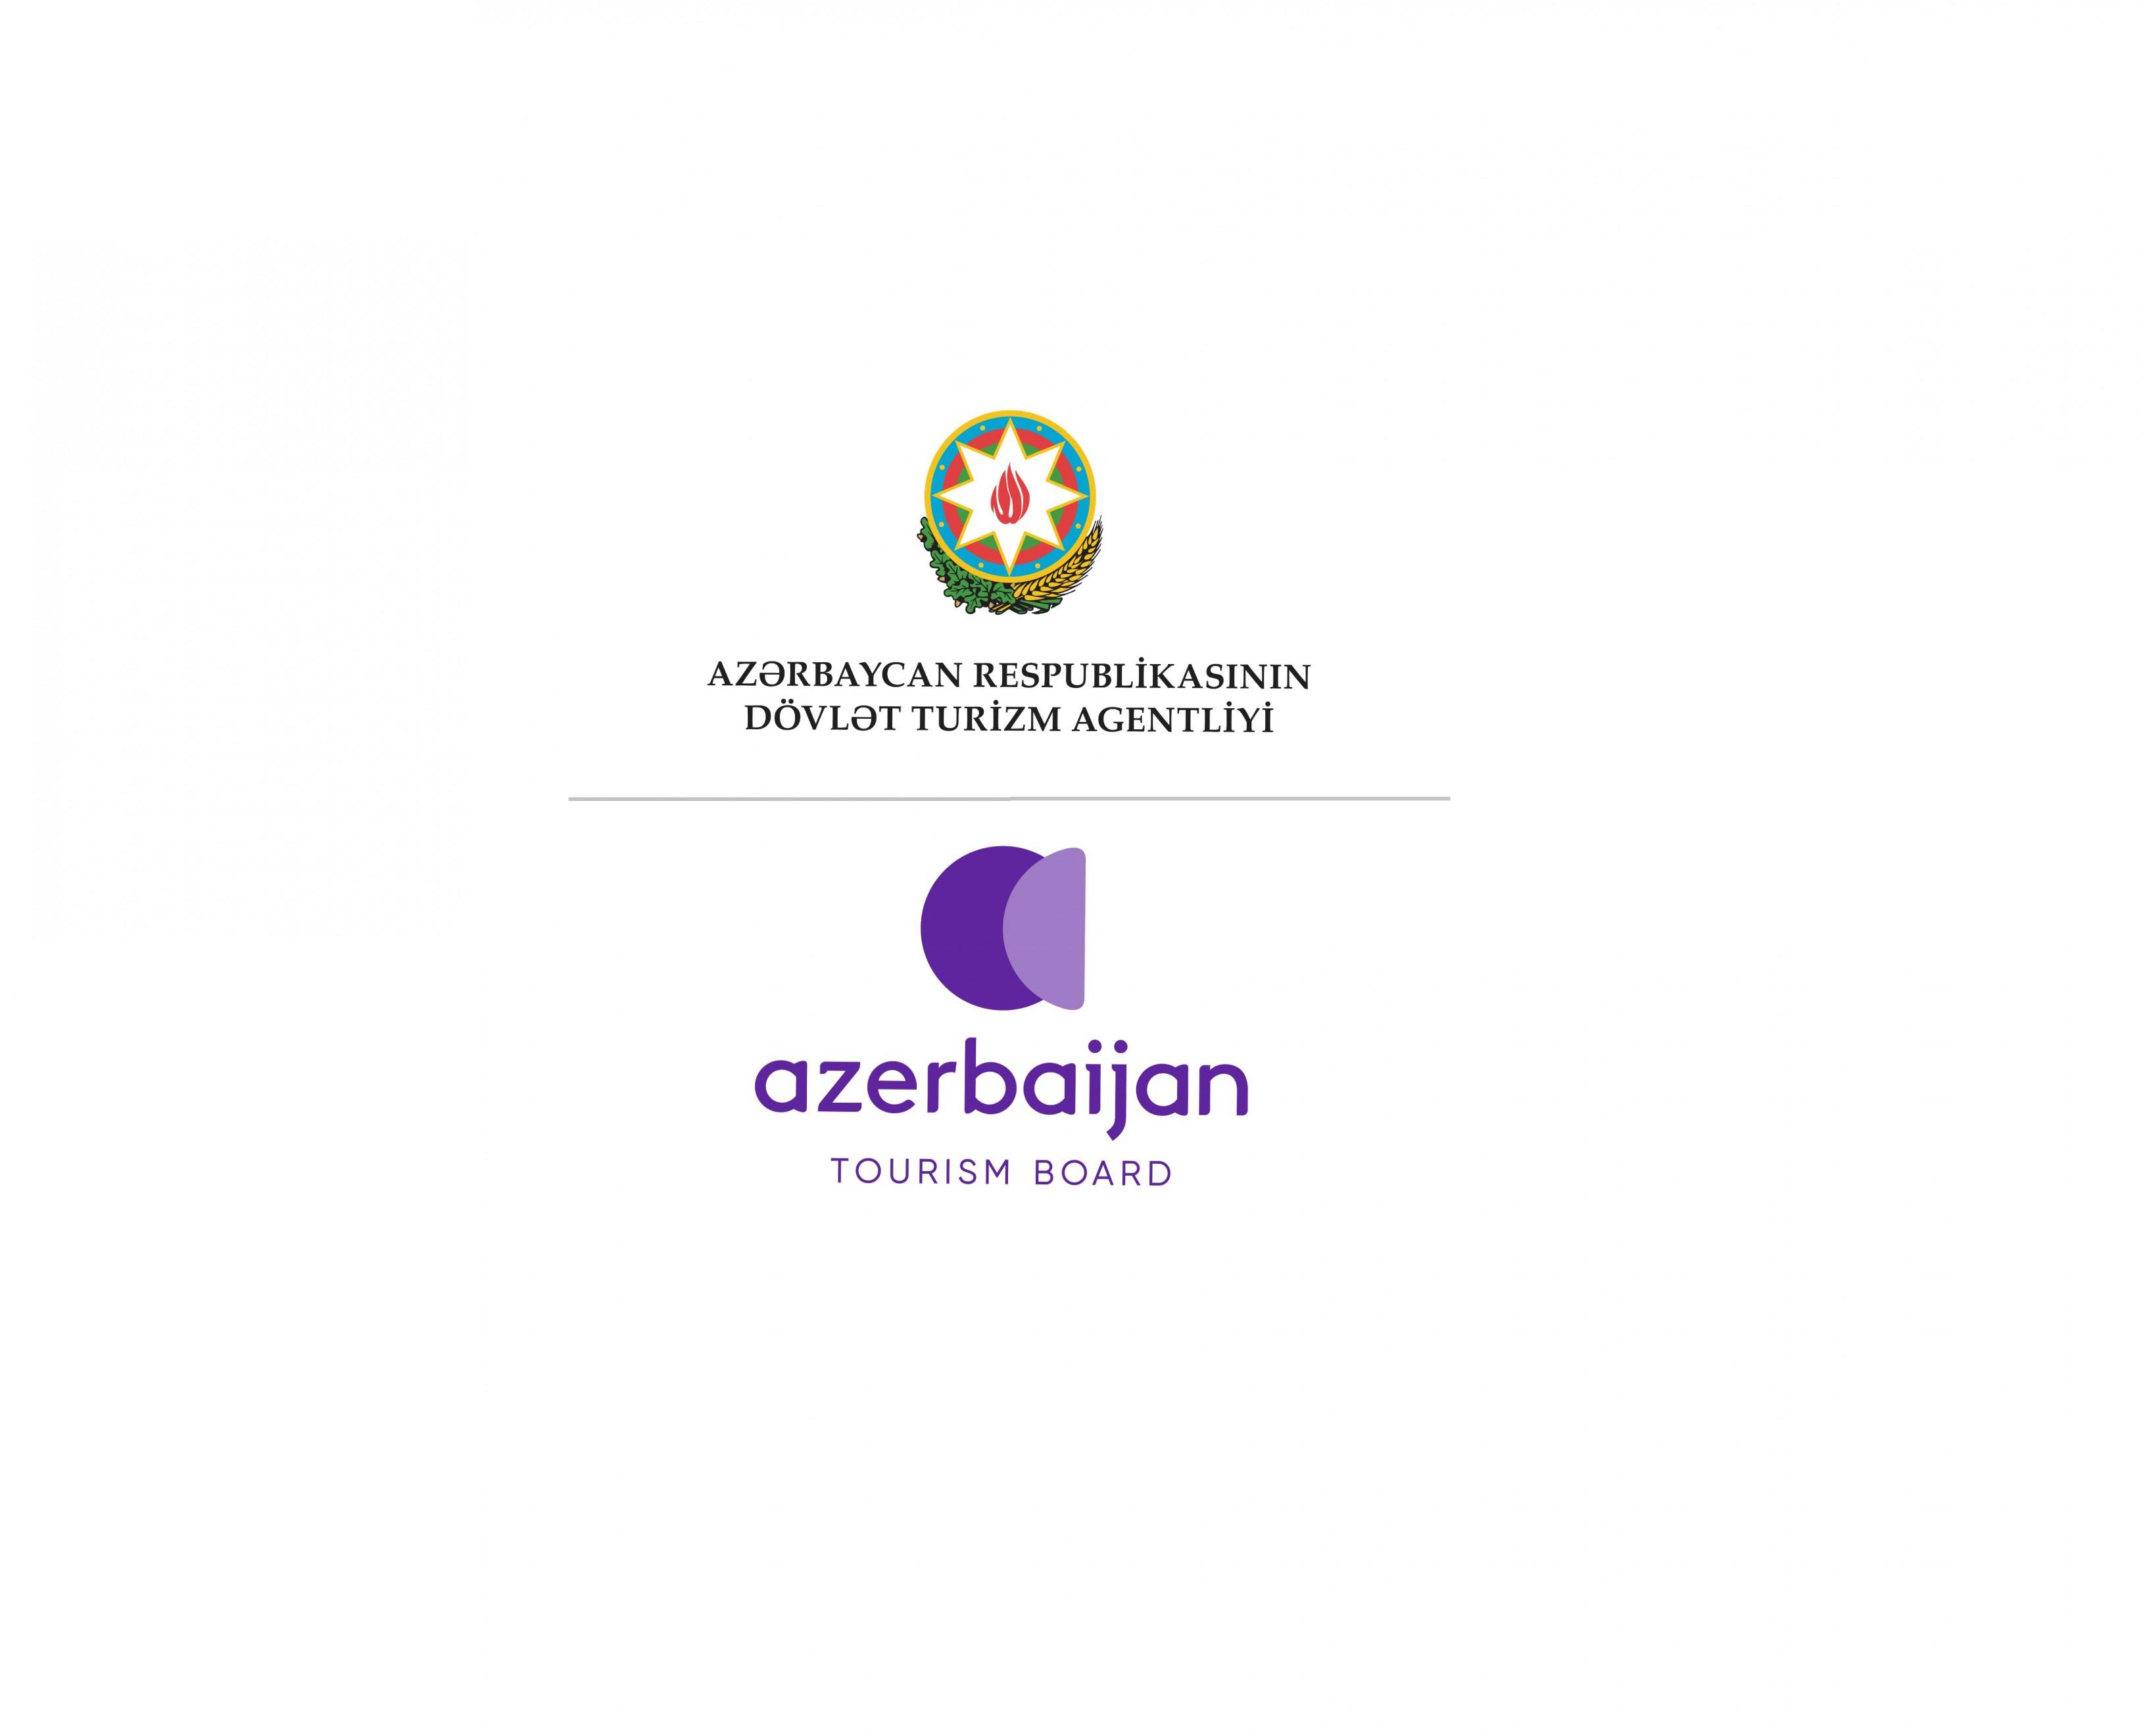 Azərbaycan Turizm Bürosu Ermənistanın Azərbaycana növbəti təcavüzü ilə bağlı xarici tərəfdaşlara müraciət ünvanladı